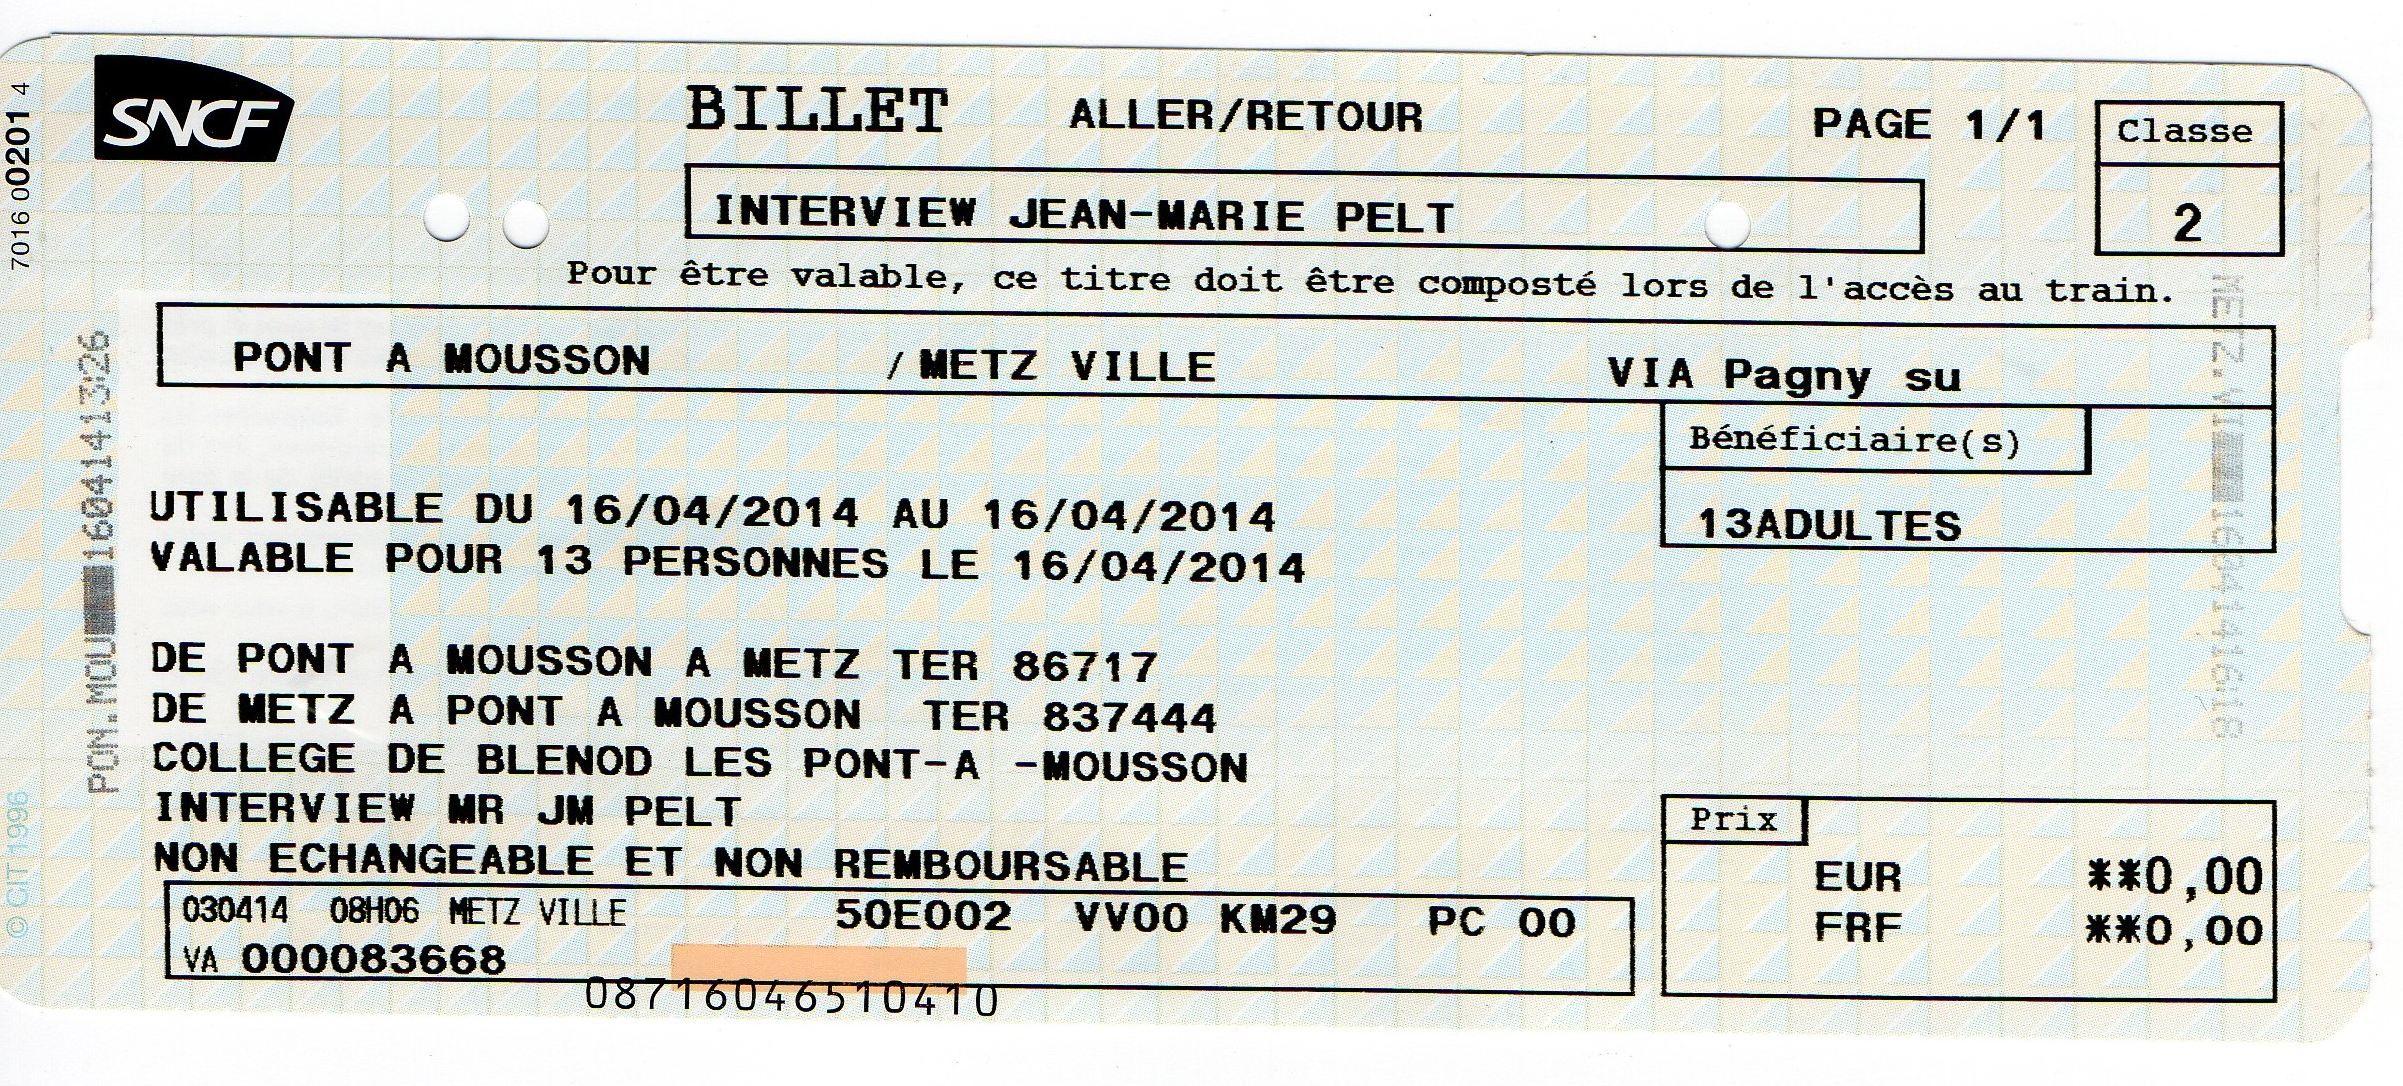 rencontre avec numero de gsm La Rochelle